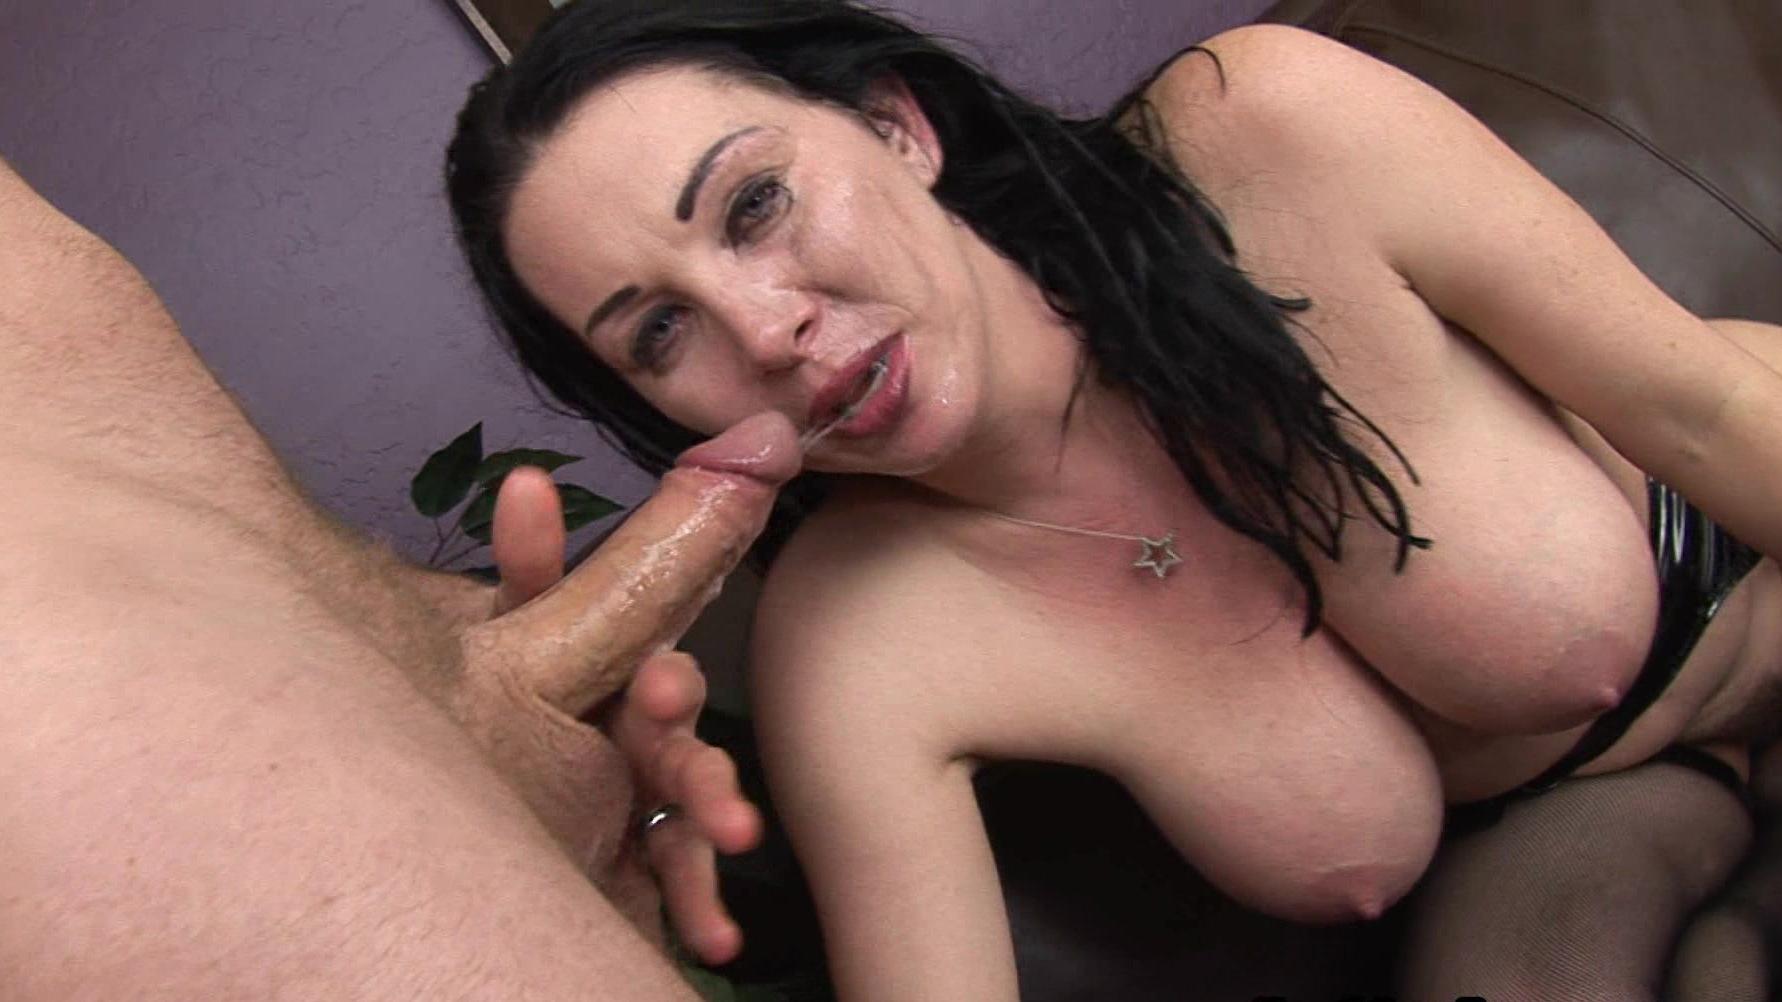 Онлайн порно порно фото прожженные бляди